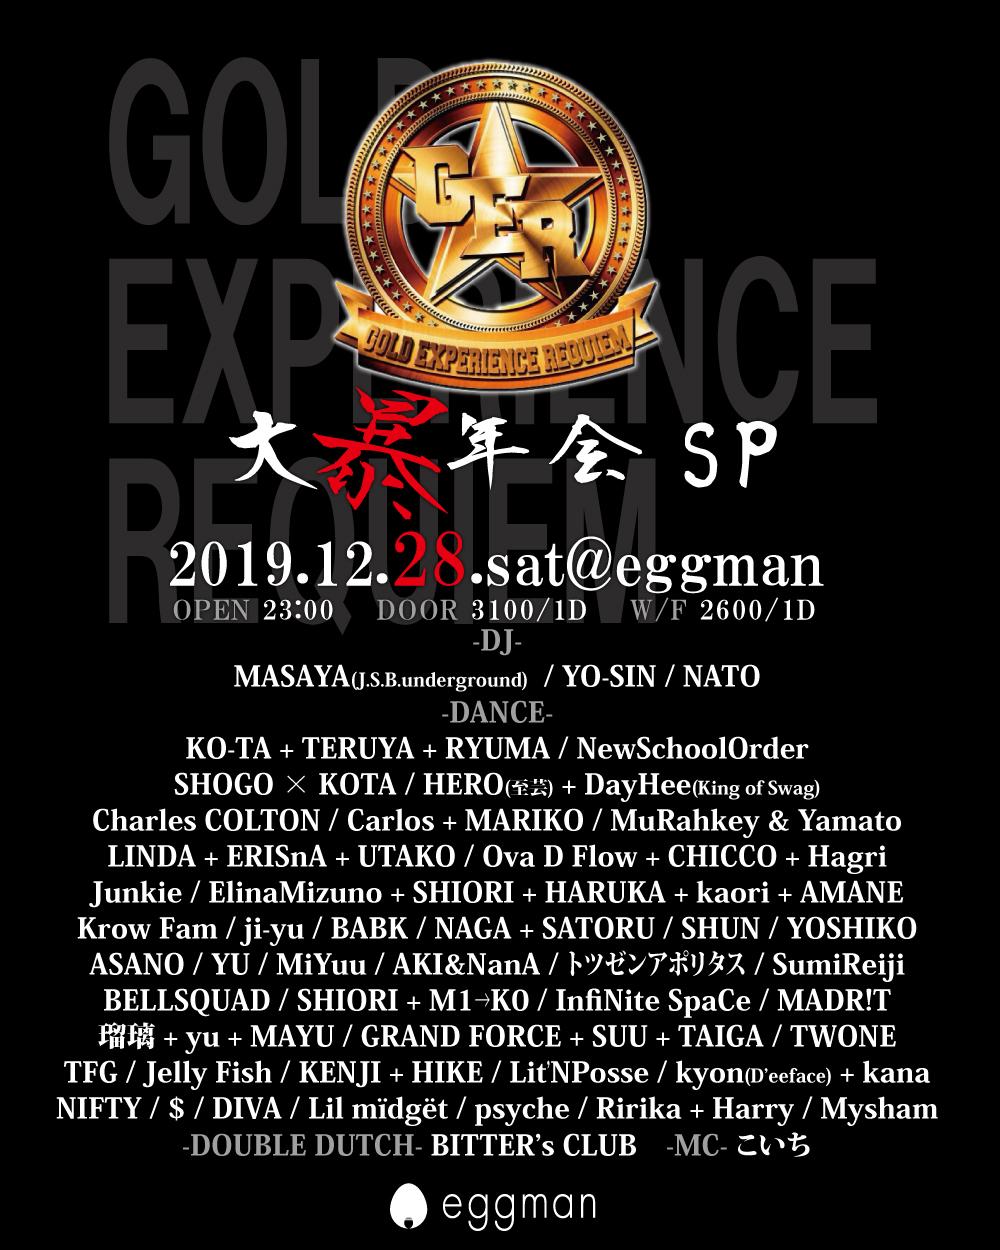 GER 大暴年会SP!! -GOLD EXPERIENCE REQUIEM-